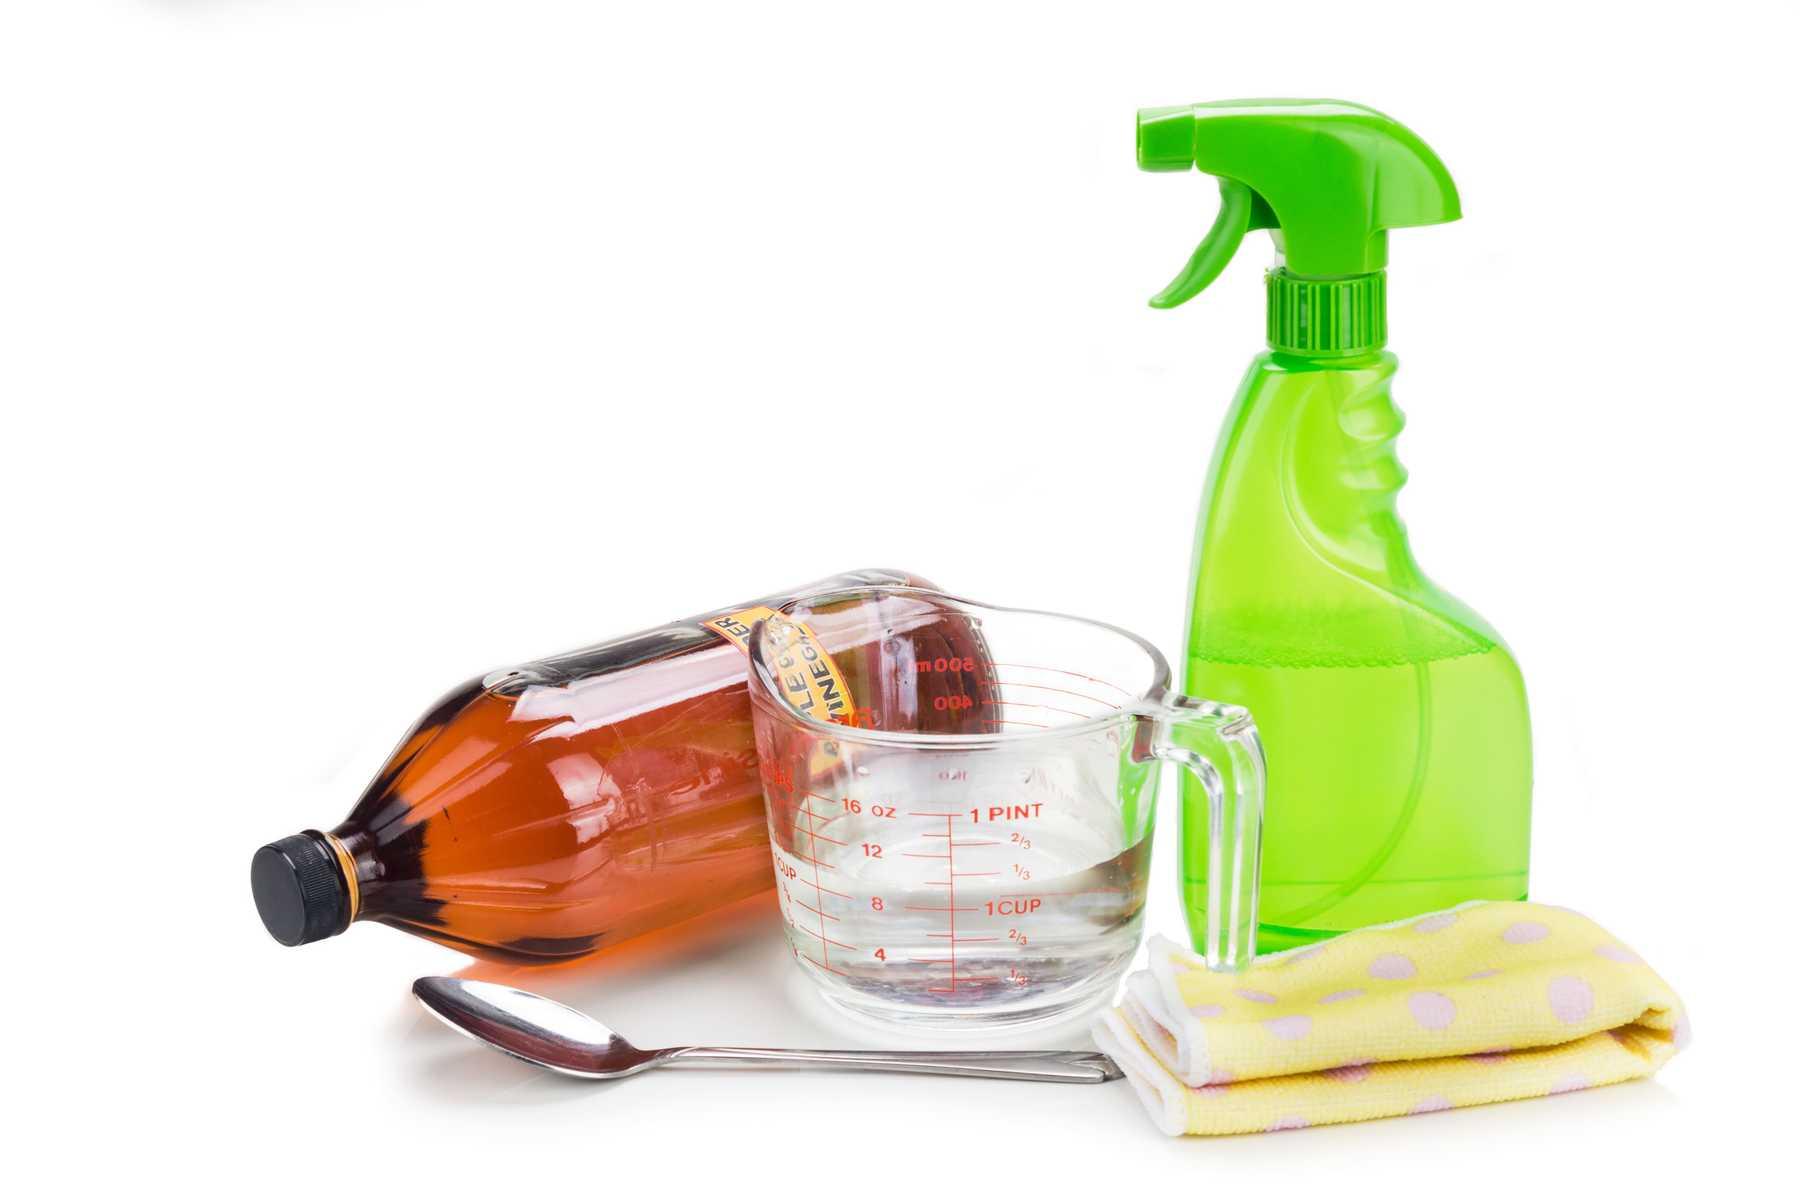 Chia sẻ kinh nghiệm khử mùi ly tách sau khi sử dụng